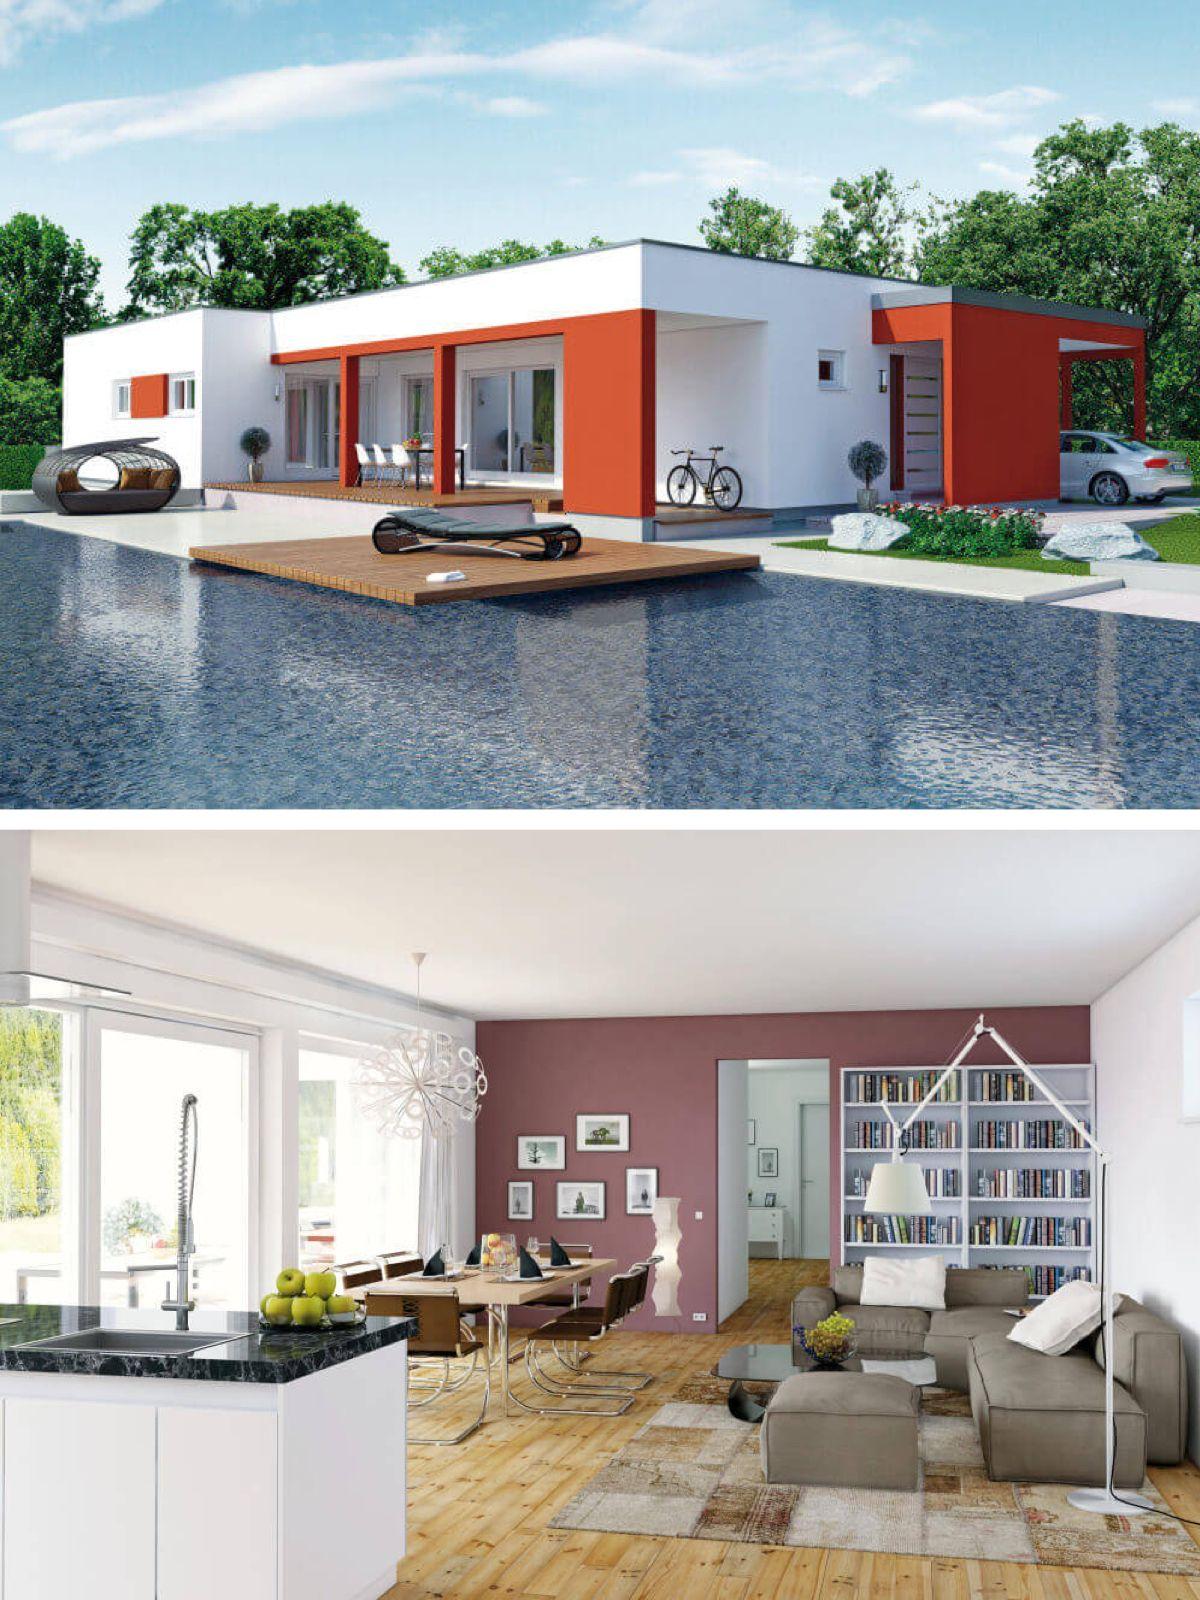 Beeindruckend Haus Flachdach Dekoration Von Bungalow Modern Mit Flachdach-architektur Fassade Rot Weiß